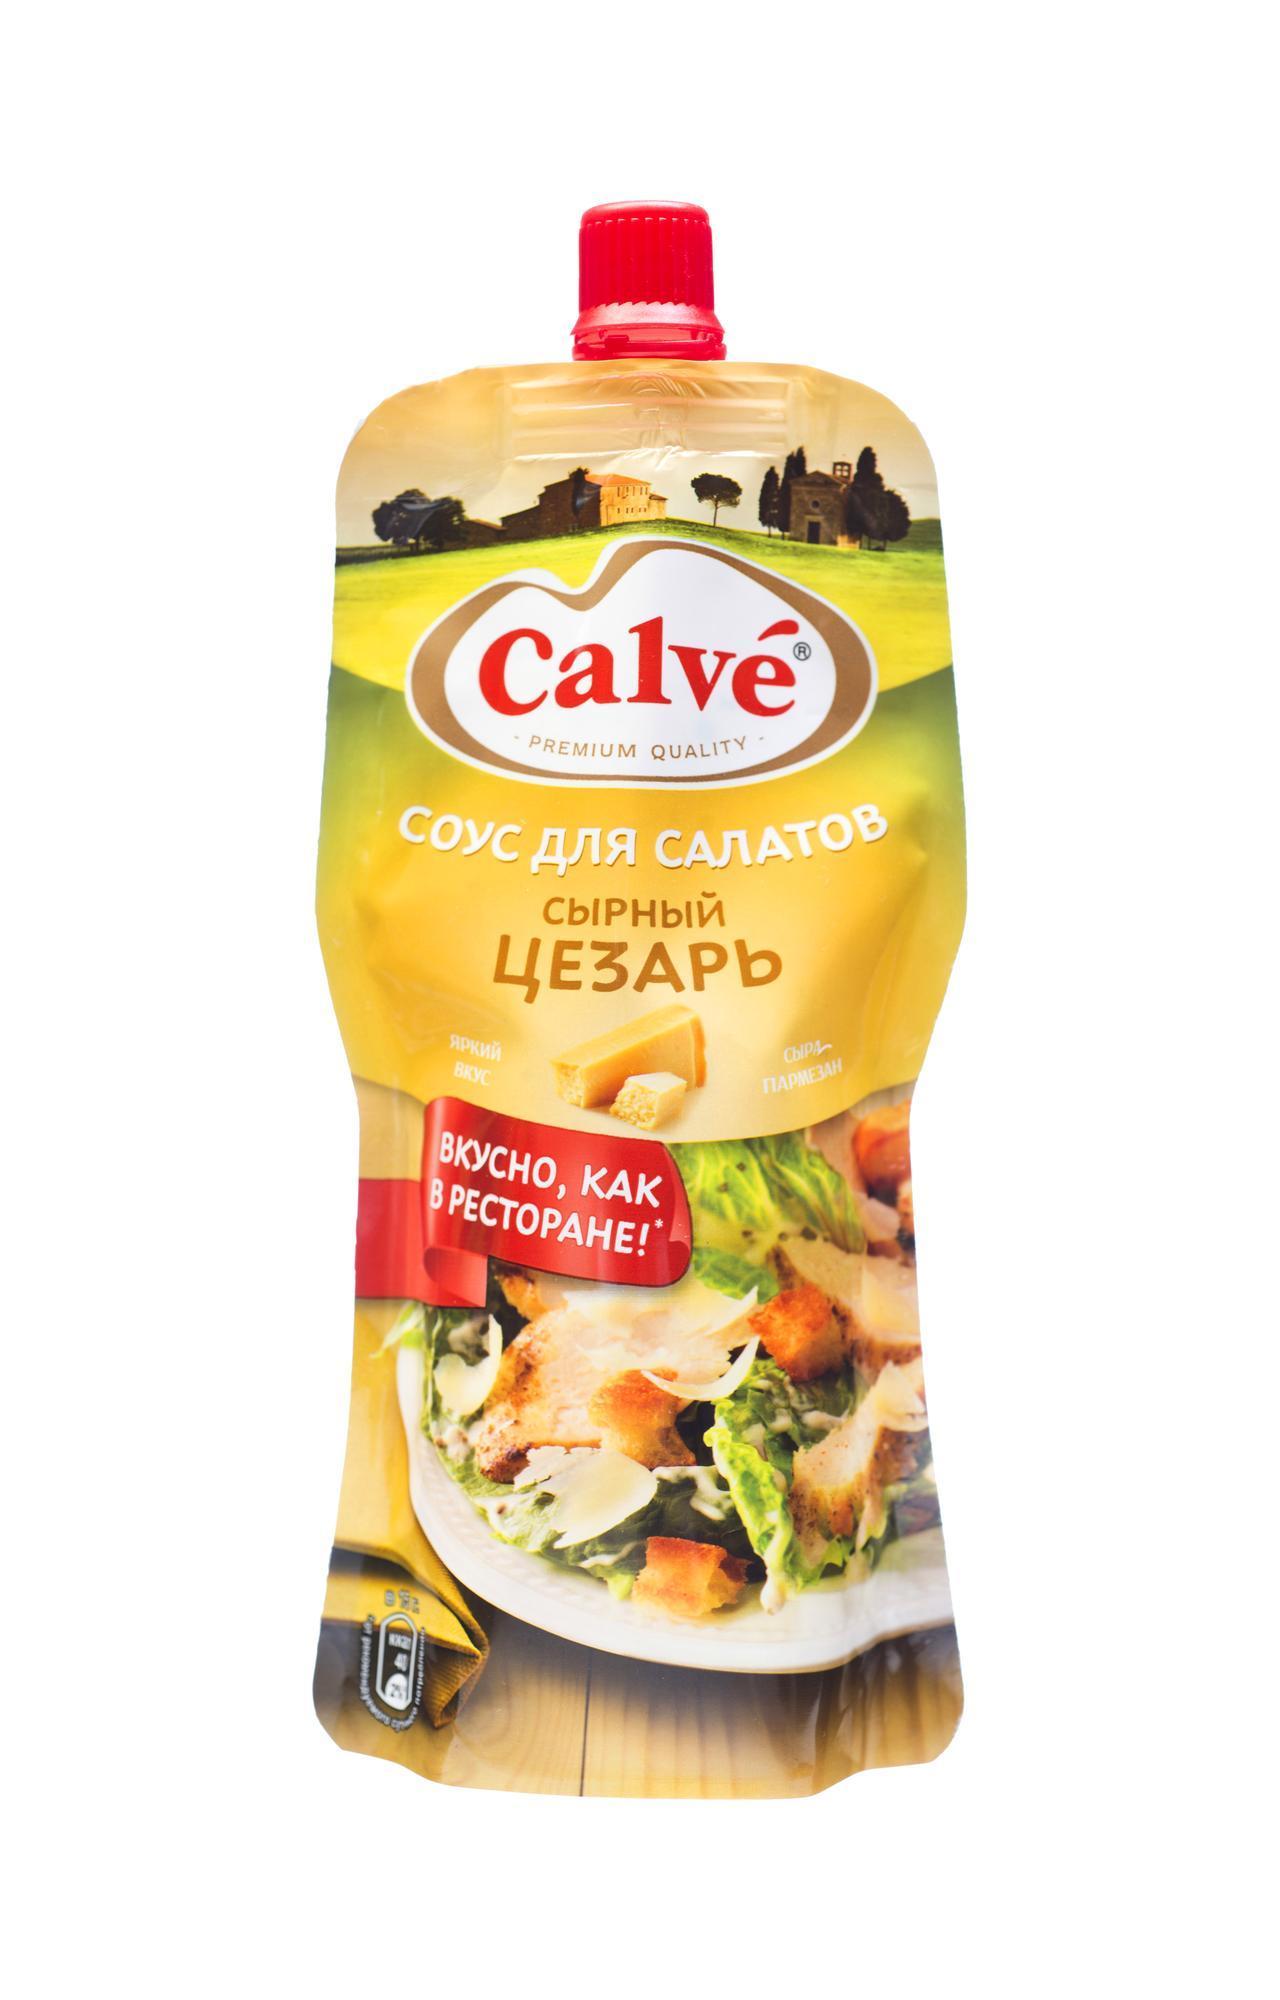 Соус для салата Calve сырный цезарь